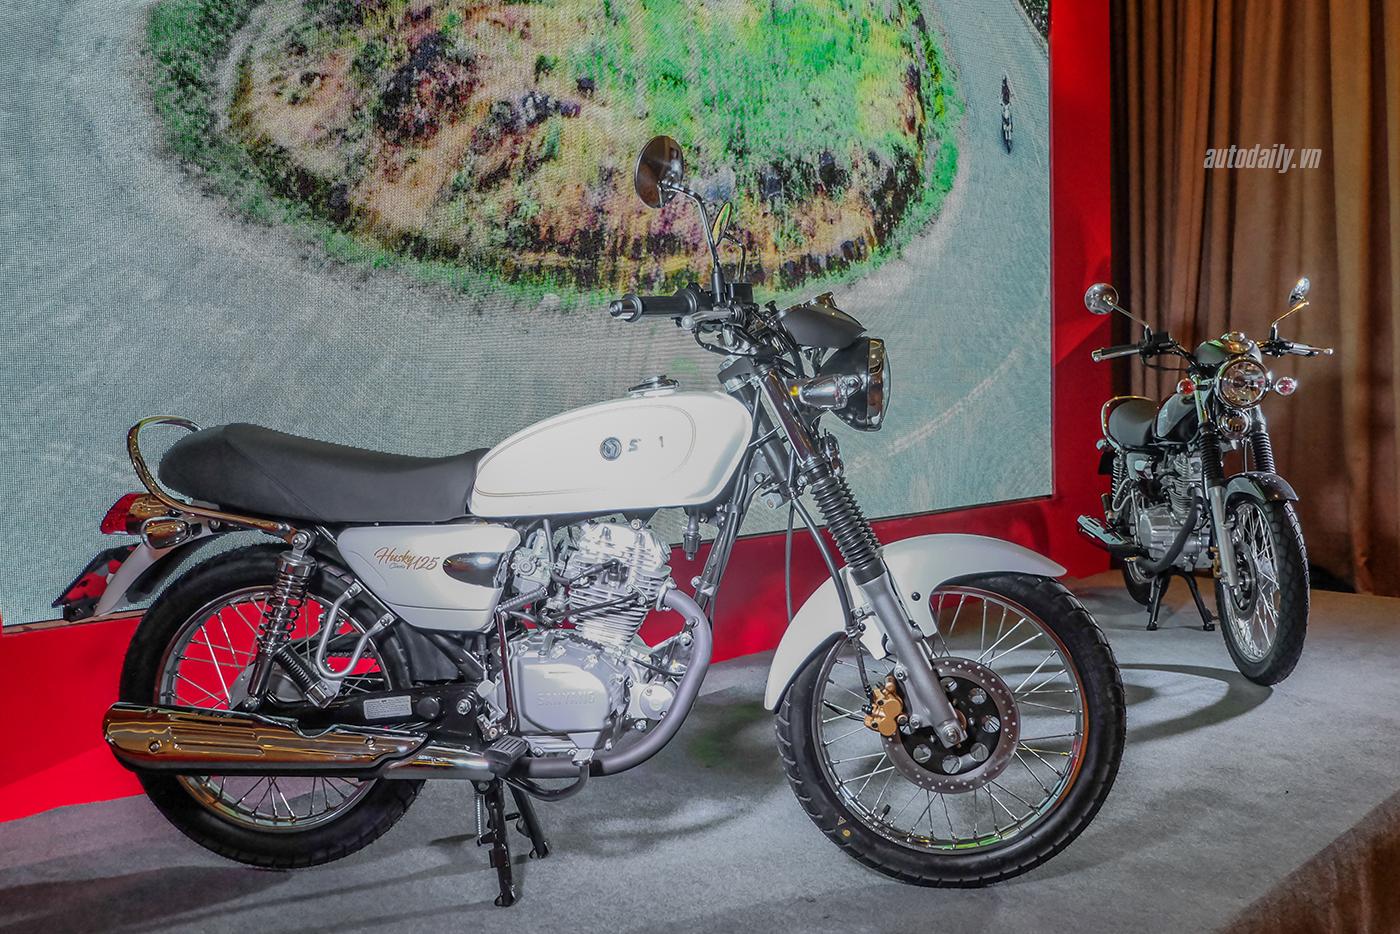 sym-husky-125-classic-27.jpg